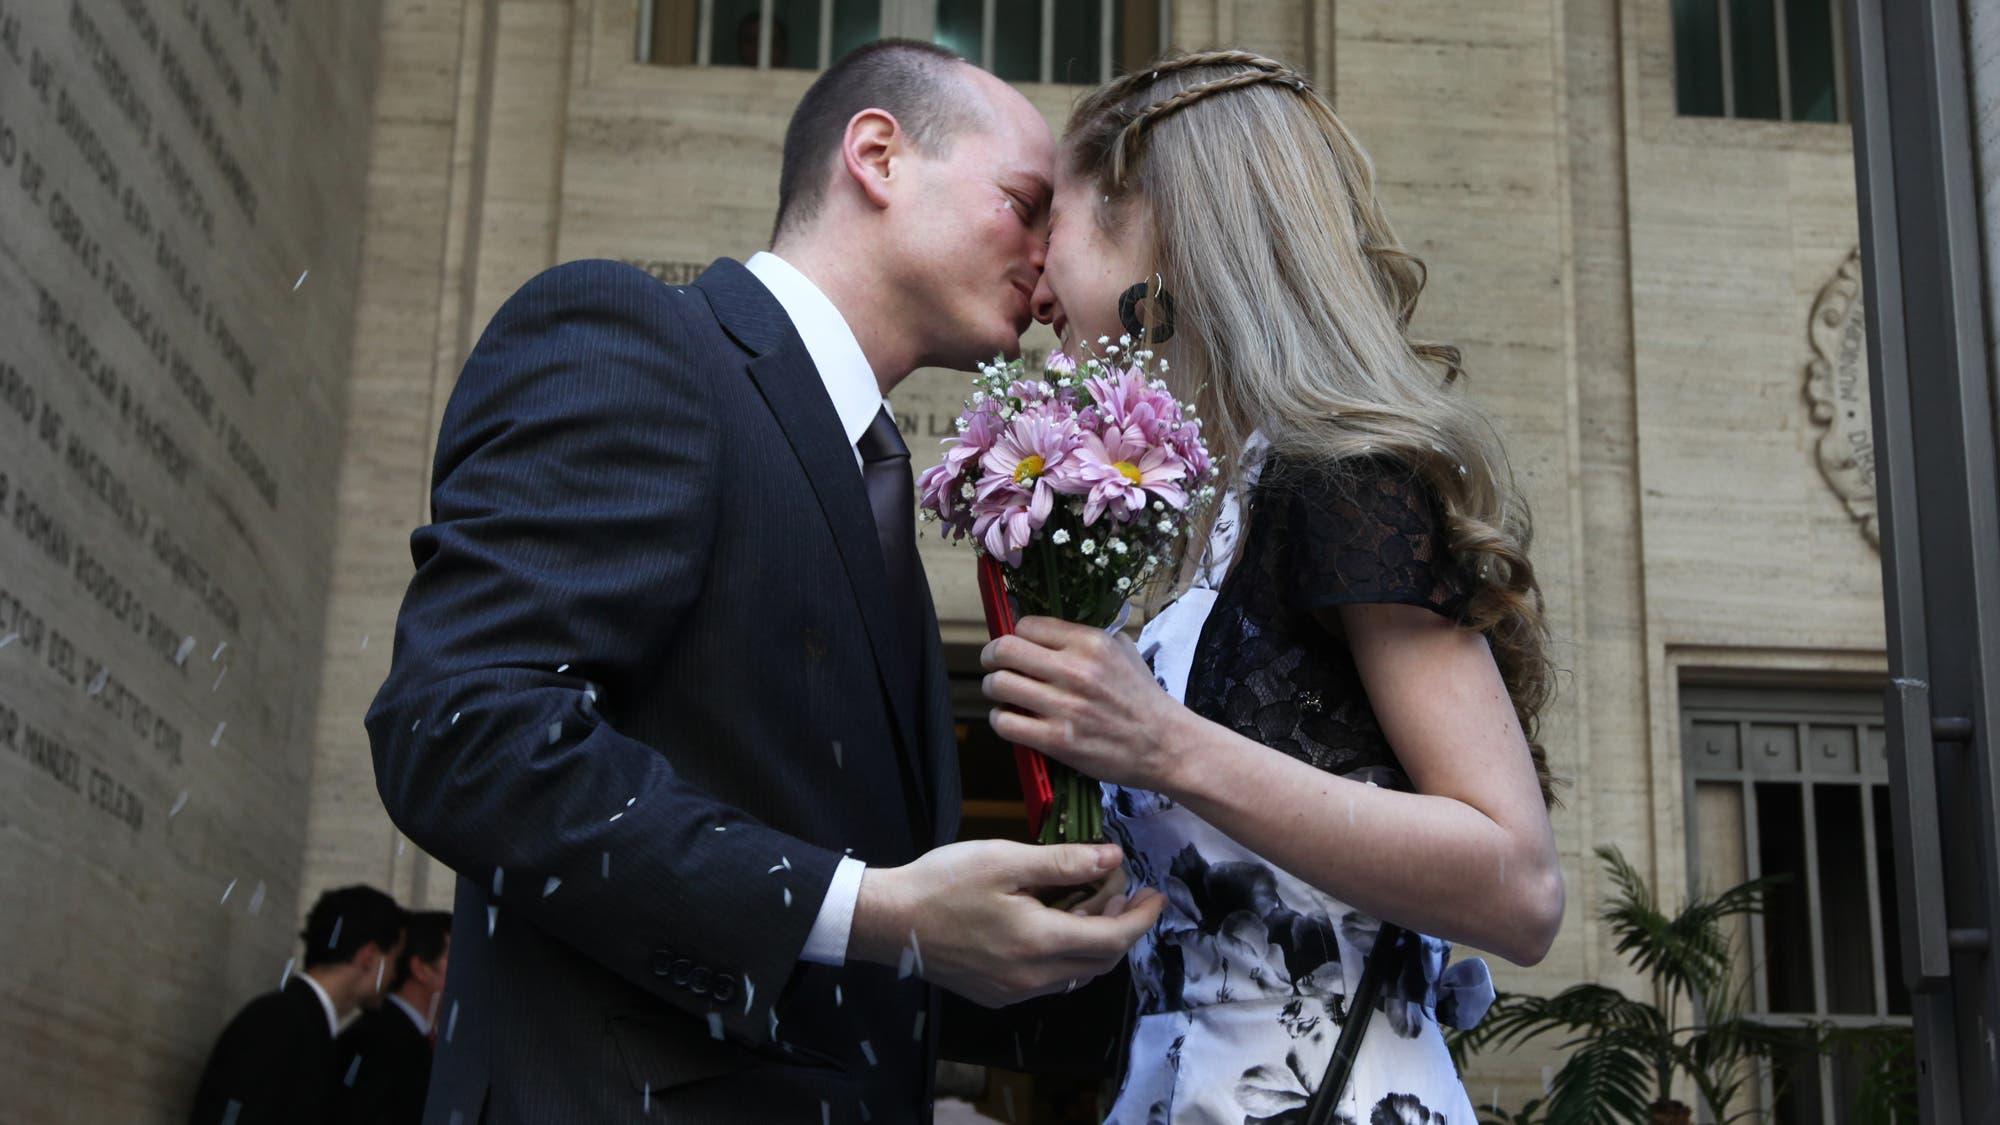 Matrimonio Romano El Rincon Del Vago : Unión convivencial unión civil y matrimonio cuáles son las